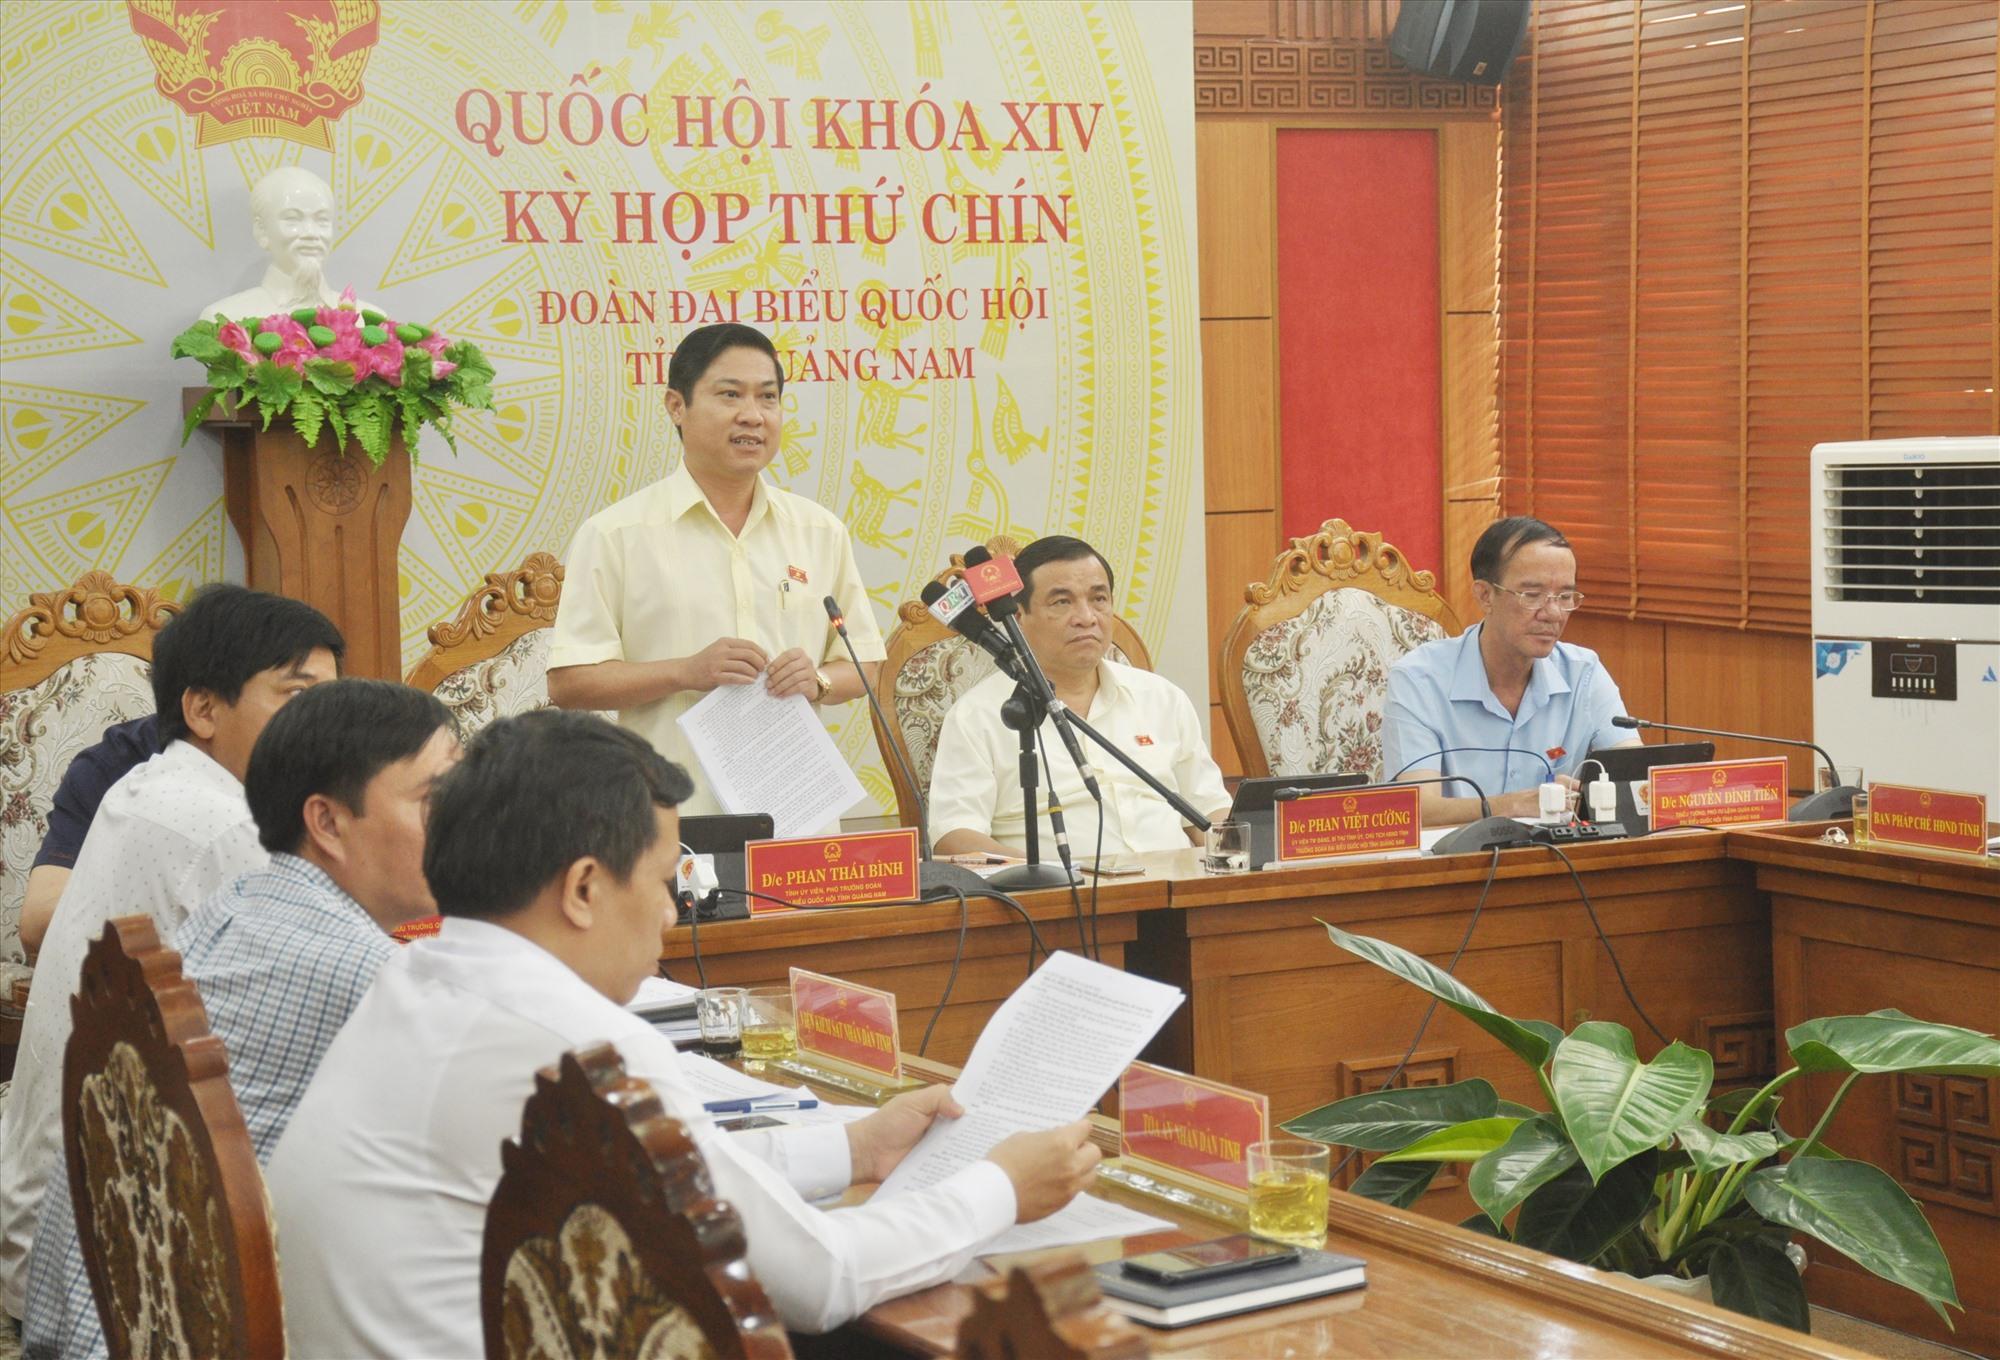 Phó Trưởng đoàn ĐBQH tỉnh Phan Thái Bình phát biểu thảo luận, góp ý vào dự thảo Luật Hòa giải, đối thoại tại Tòa án. Ảnh: N.Đ